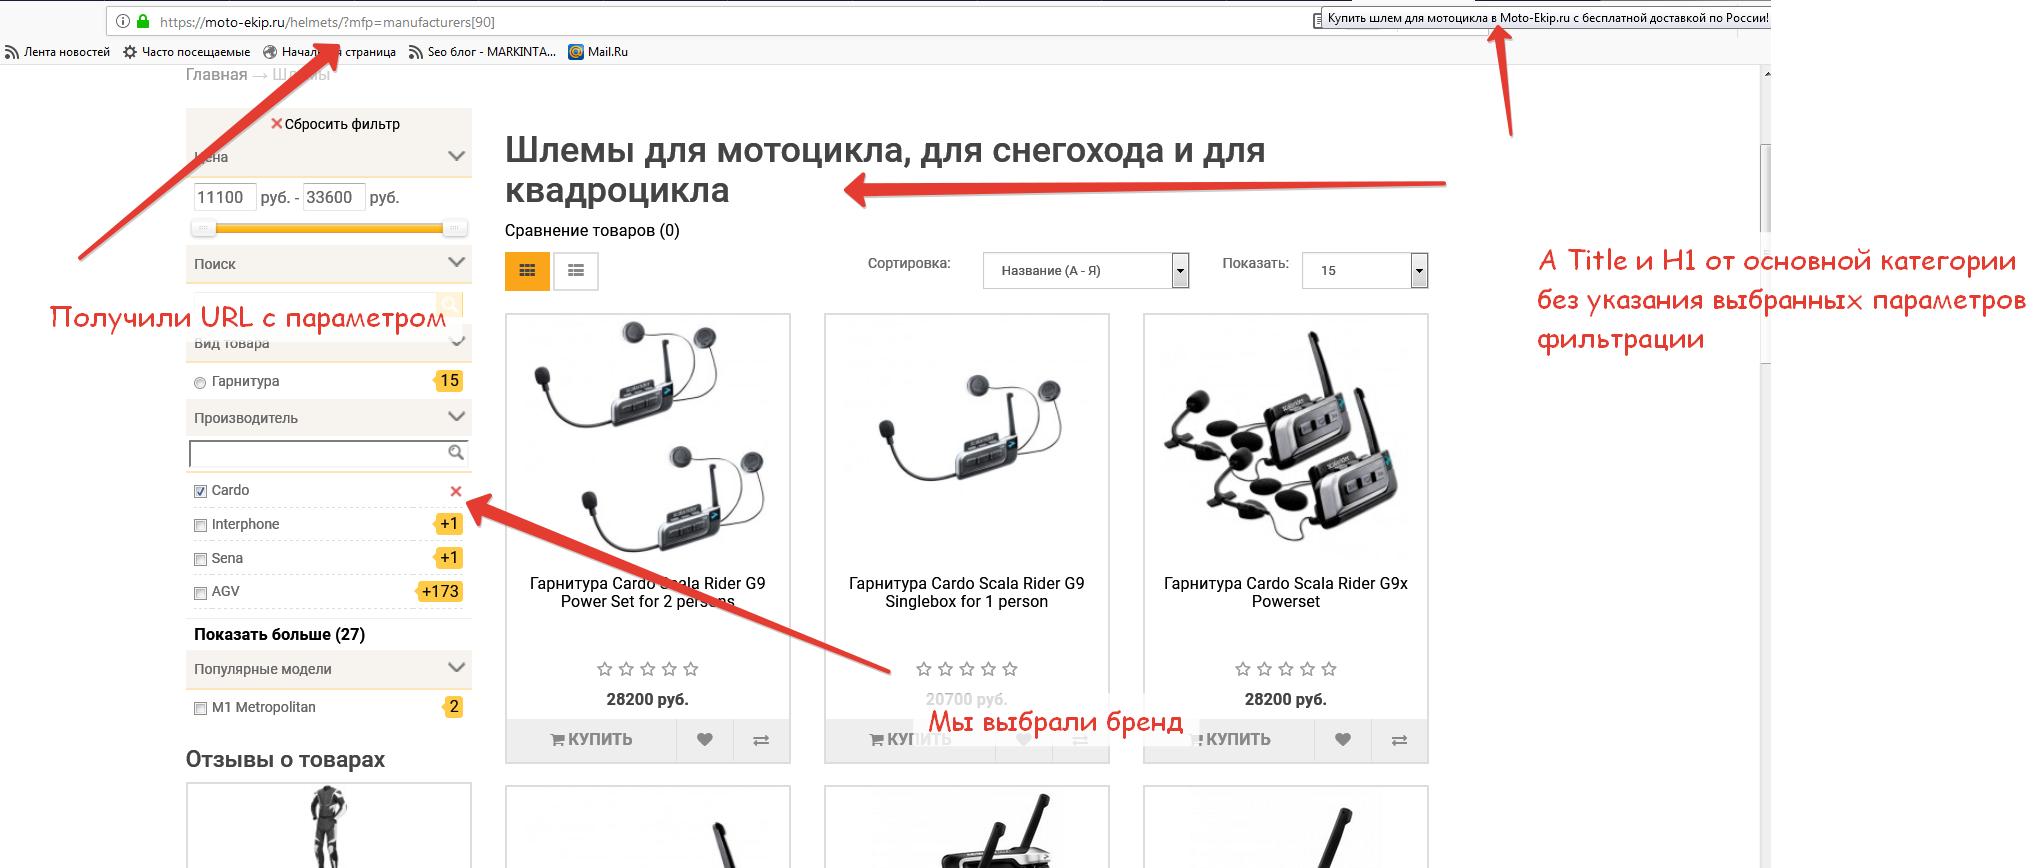 Пример фильтрации обычного сайта